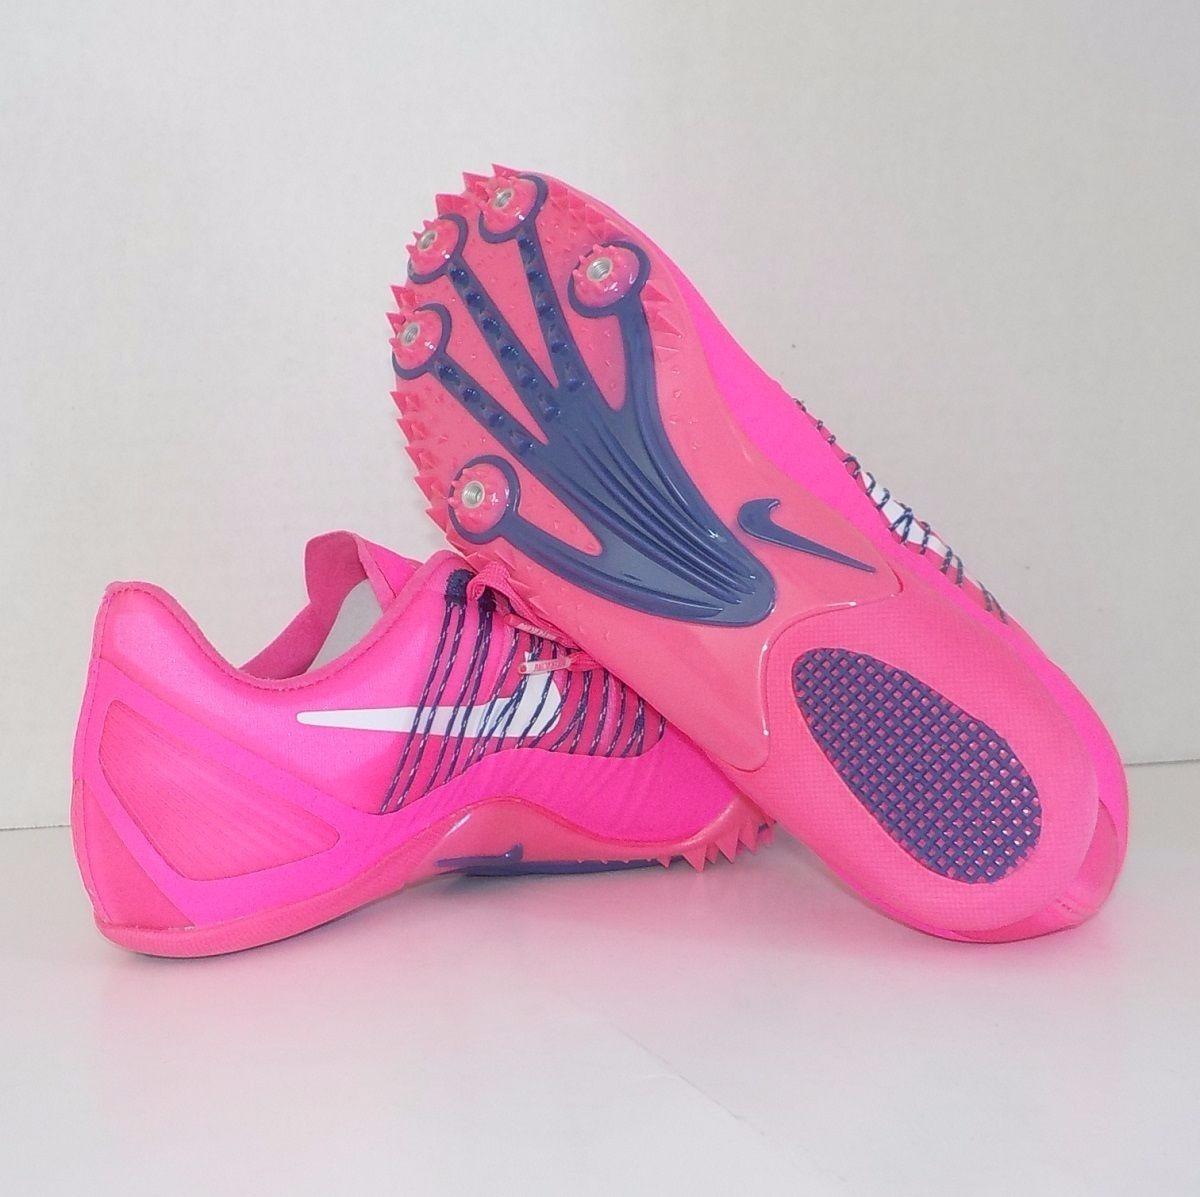 zapatillas de clavos nike mujer